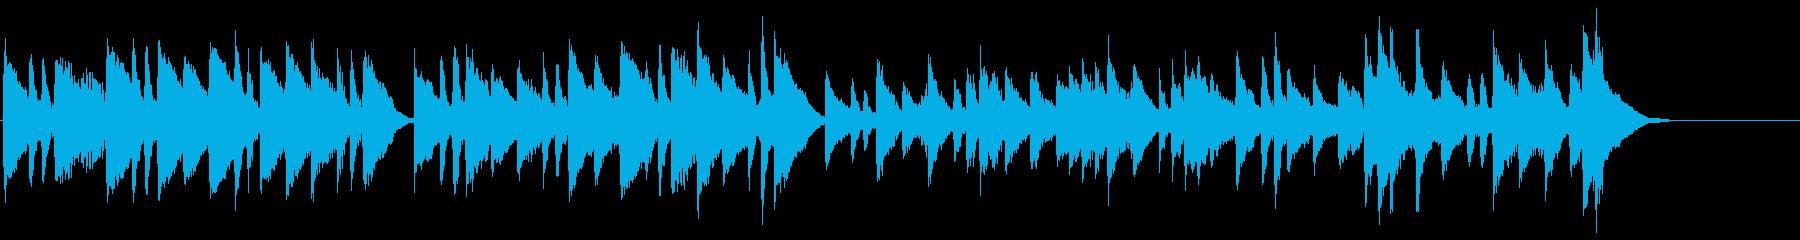 交響曲第7番 第2楽章(ベートーヴェン)の再生済みの波形